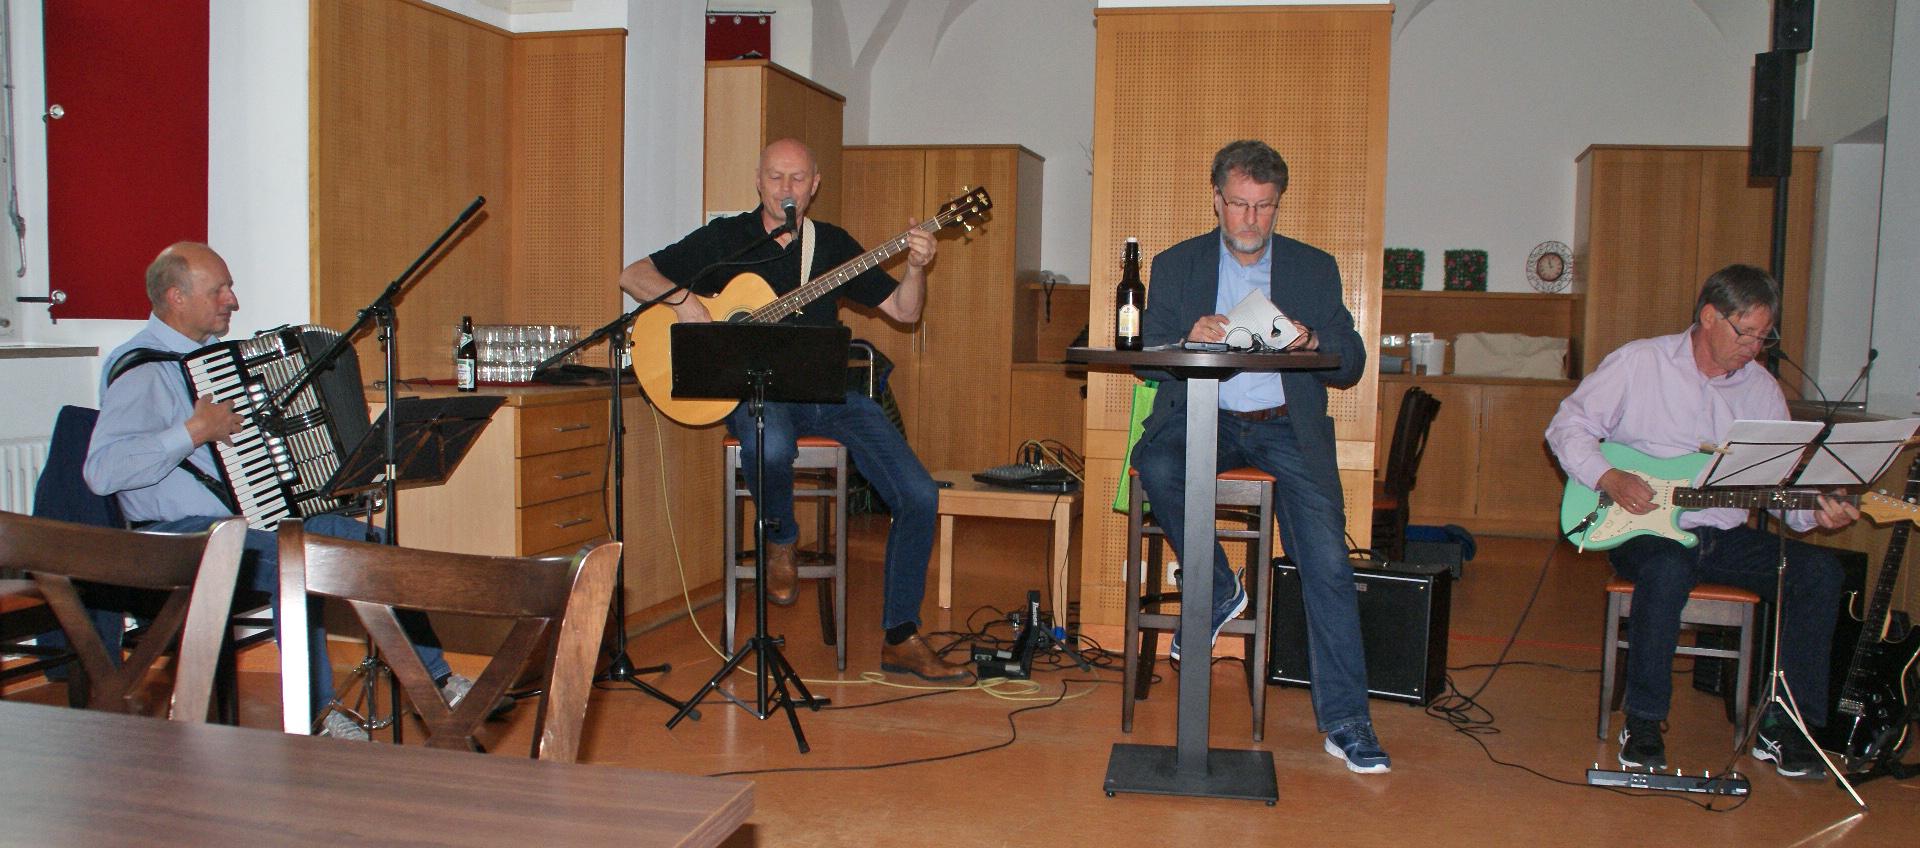 Das literarisch-musikalische Quartett des Neunburger Kunstvereins, die Vier Unverdorbenen, während ihres Auftritts im Speisesaal des Klosters Ensdorf. Foto: Alfred Grassmann